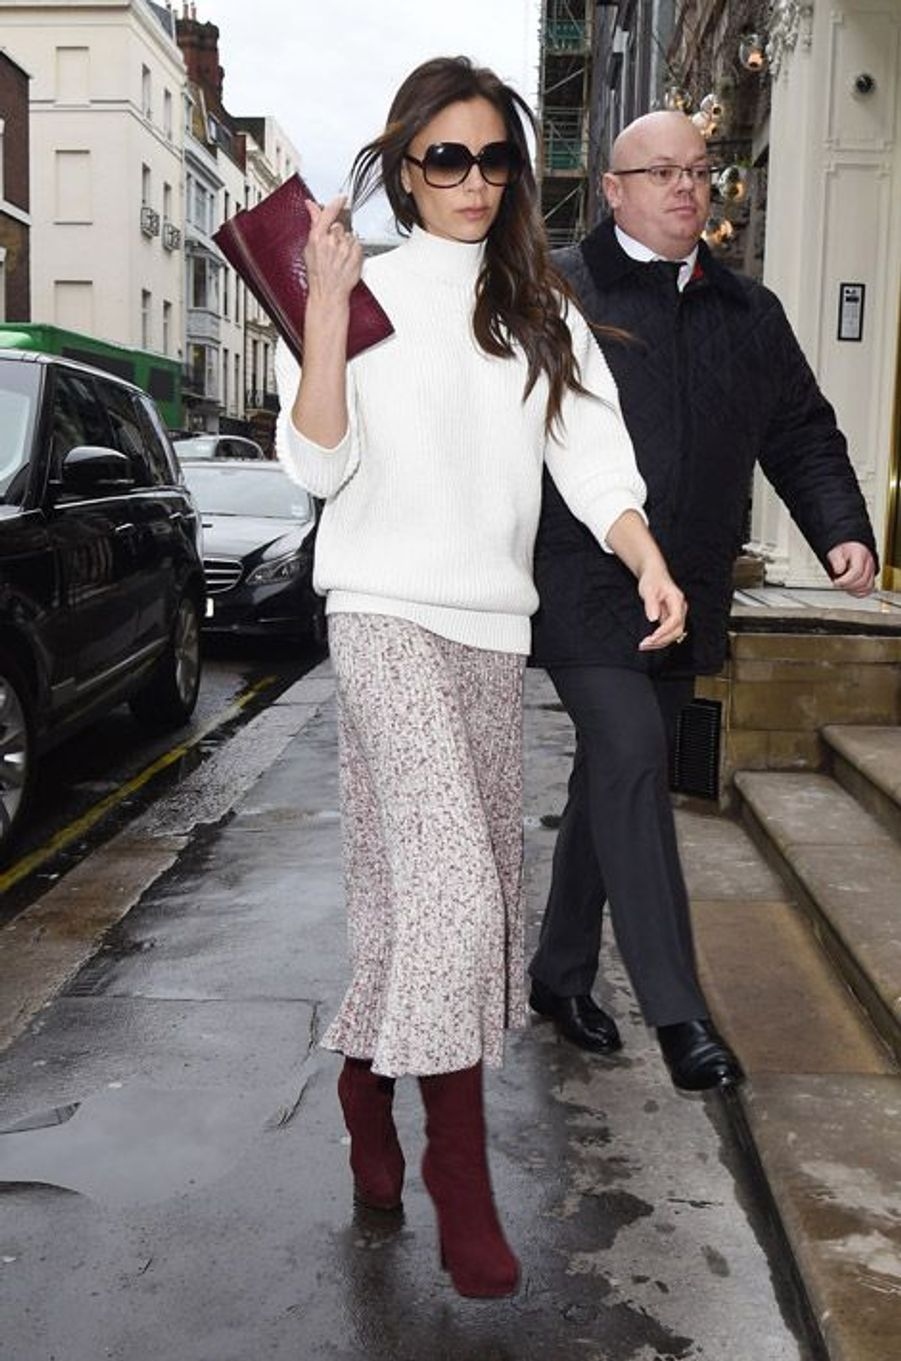 L'ancienne Spice Girl et styliste, Victoria Beckham arrive à sa boutique londonienne, le 12 décembre 2014